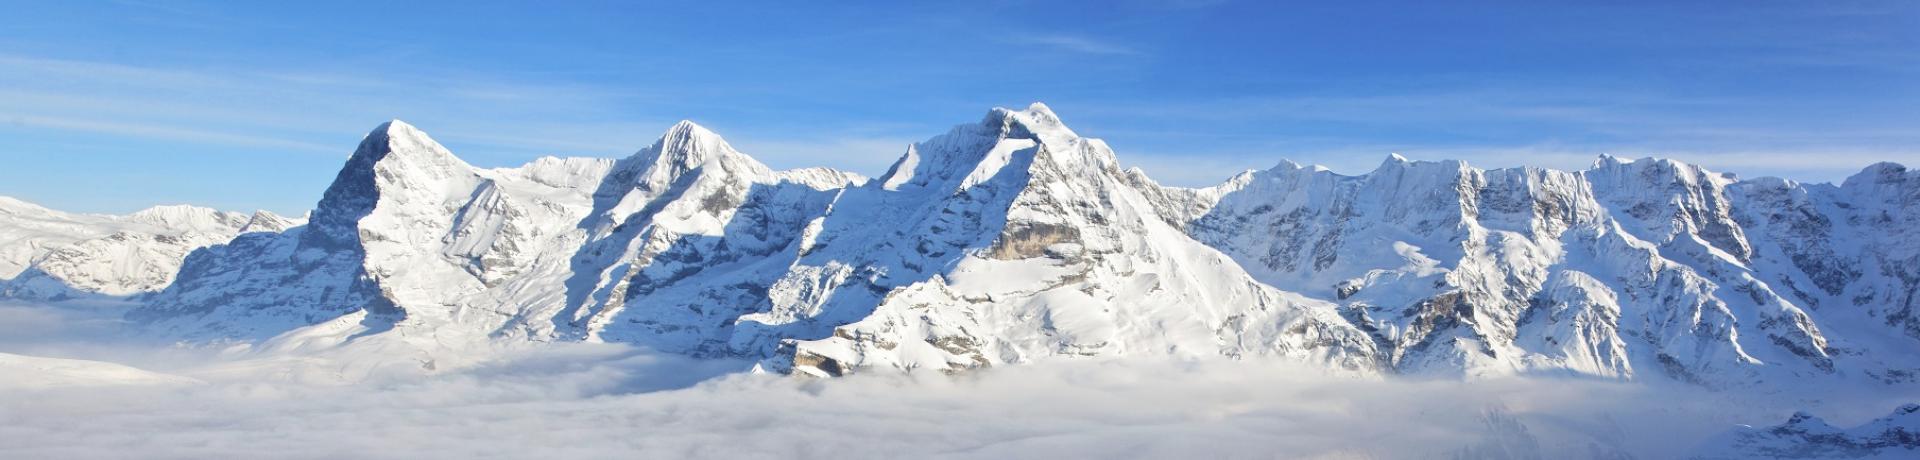 Alpen: Berge mit Schnee